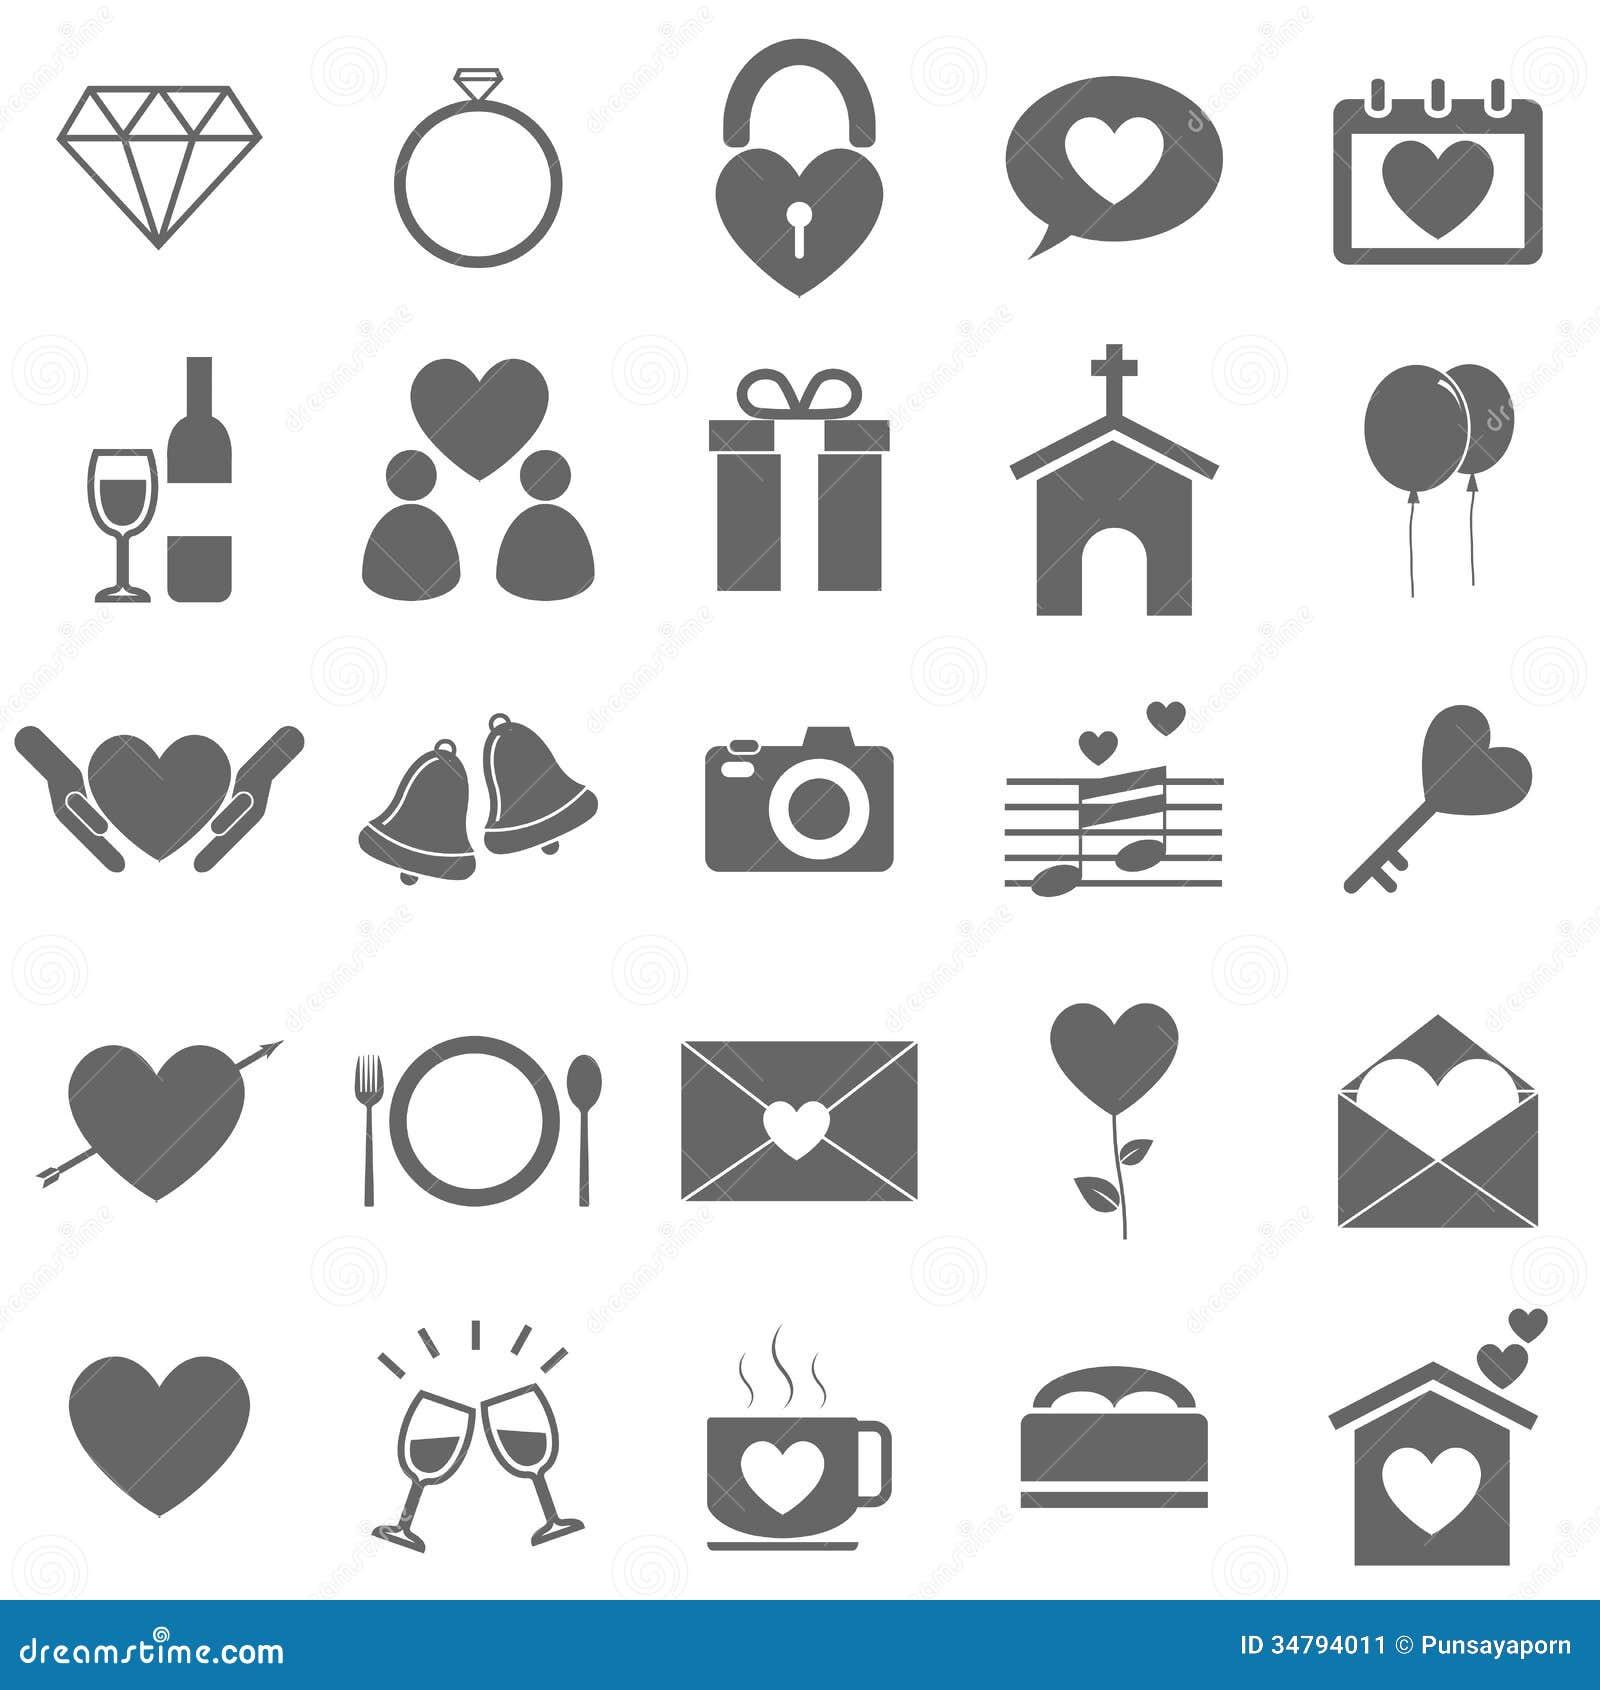 Wedding Icons On White Background Stock Image - Image: 34794011: https://www.dreamstime.com/stock-image-wedding-icons-white...